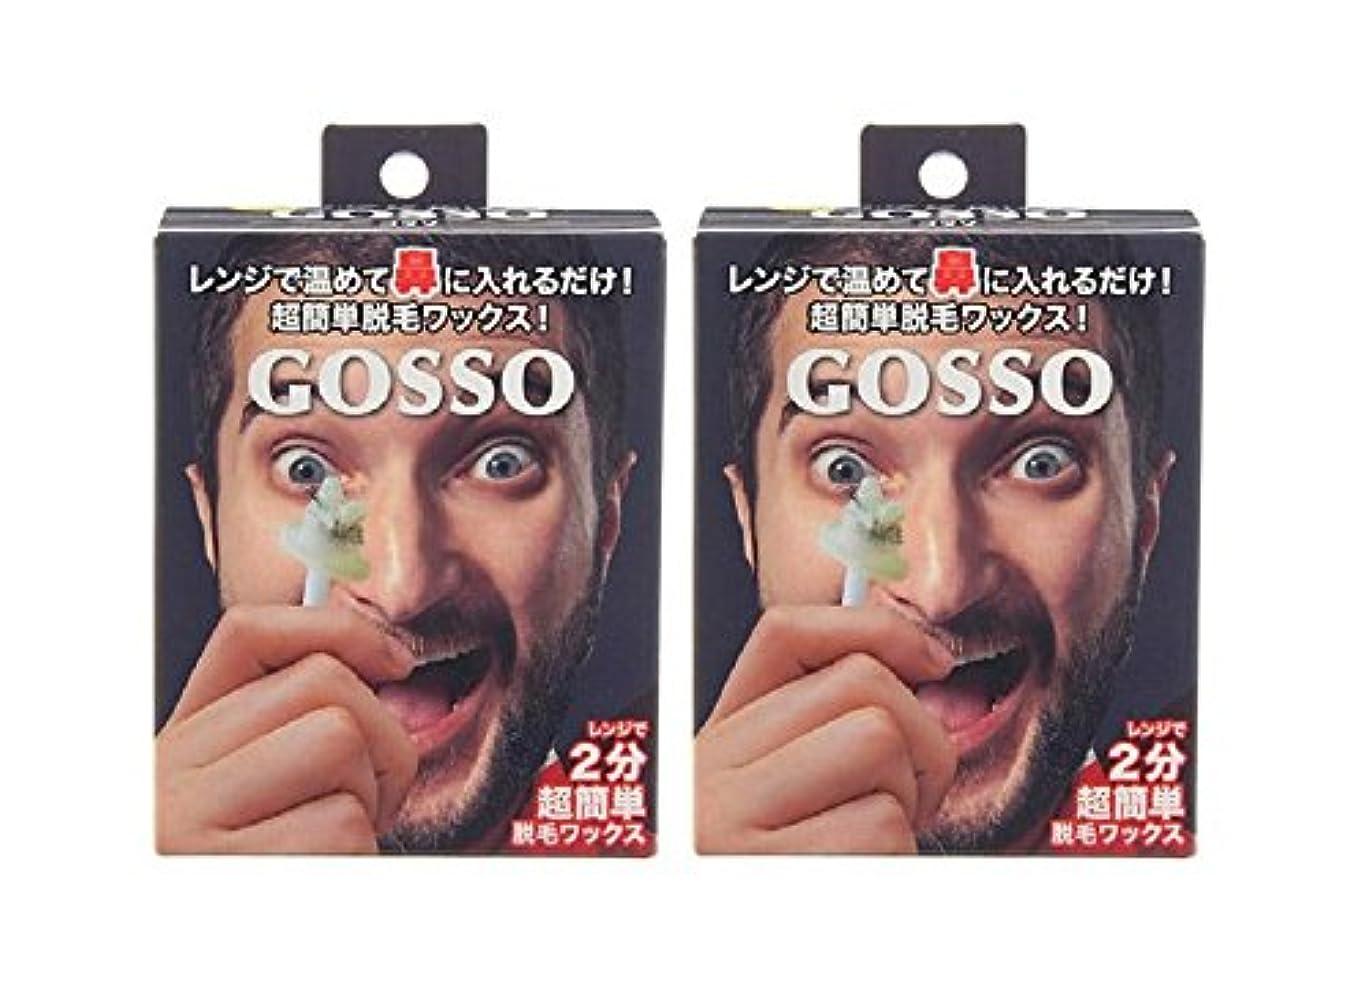 閉じるメーカー財産GOSSO ゴッソ 鼻毛脱毛ワックス 両鼻10回分×2箱セット